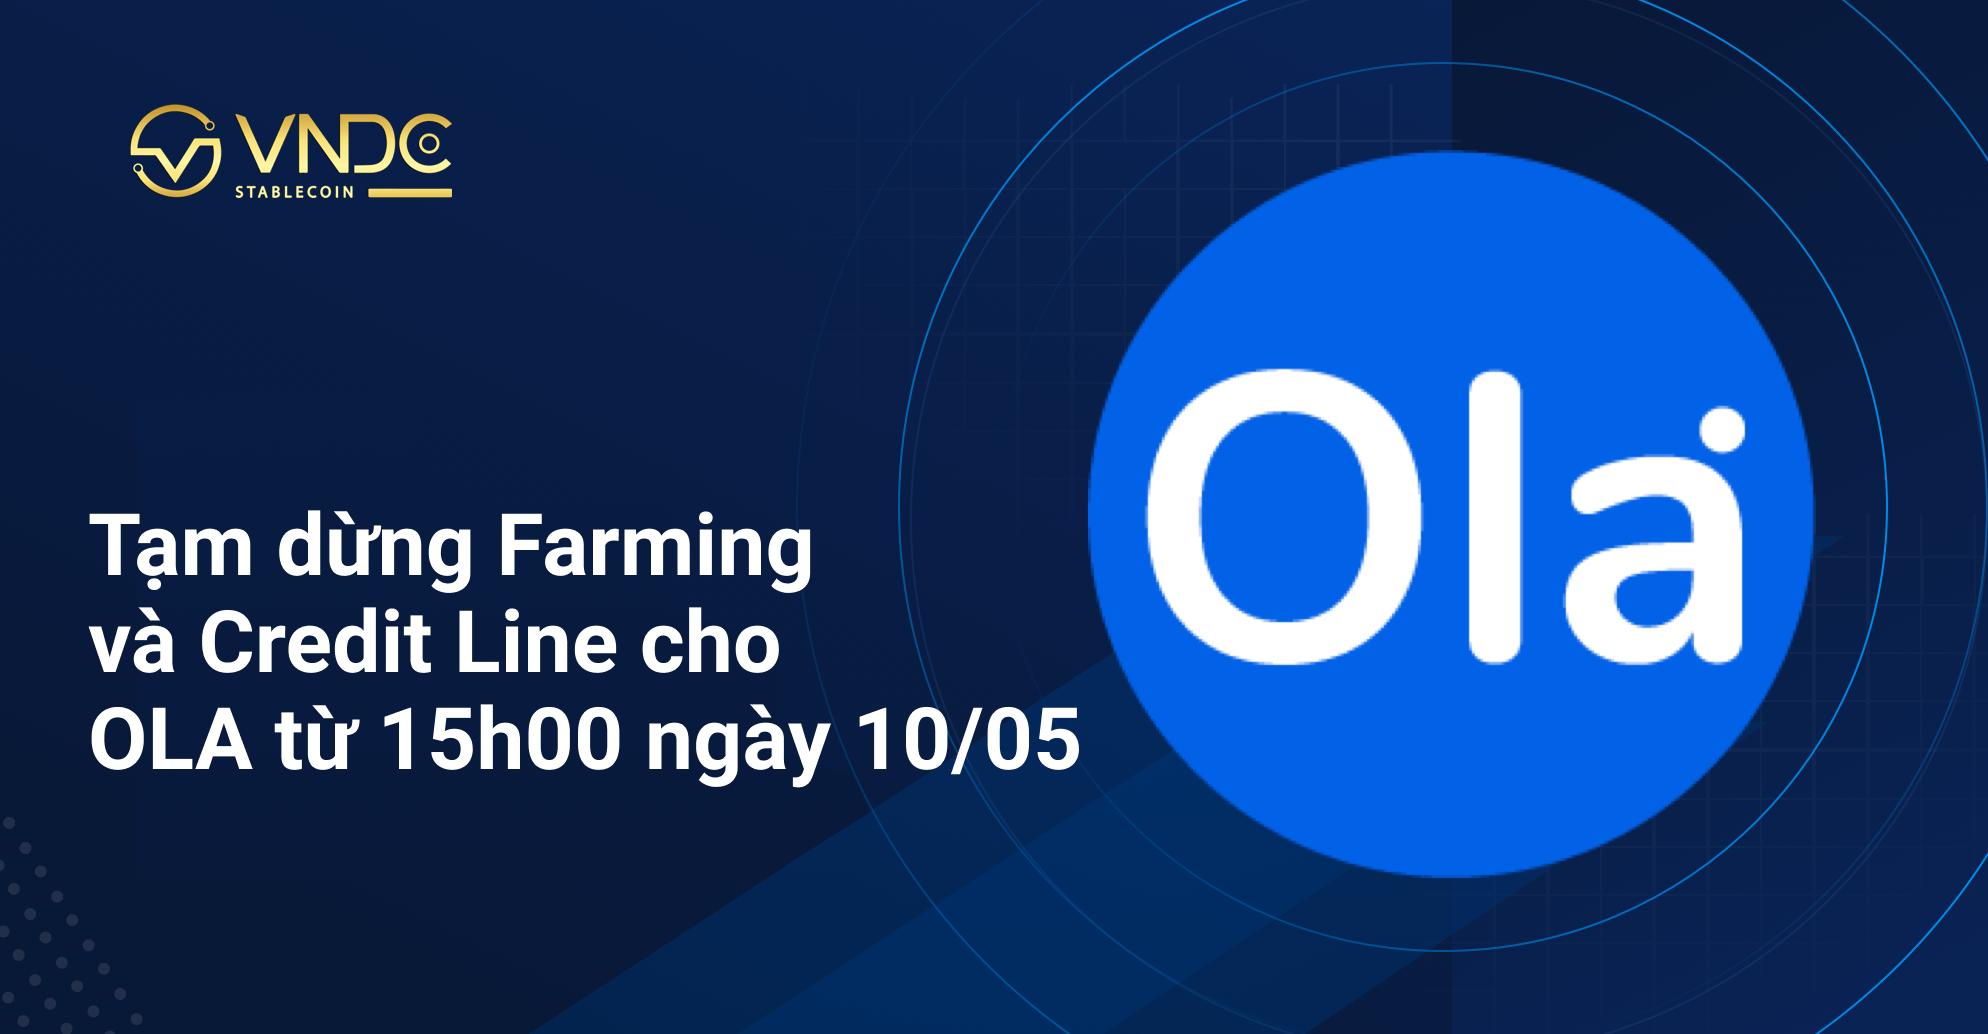 Tạm dừng tính năng Farming và Credit Line cho OLA từ 15h00 ngày 10/05